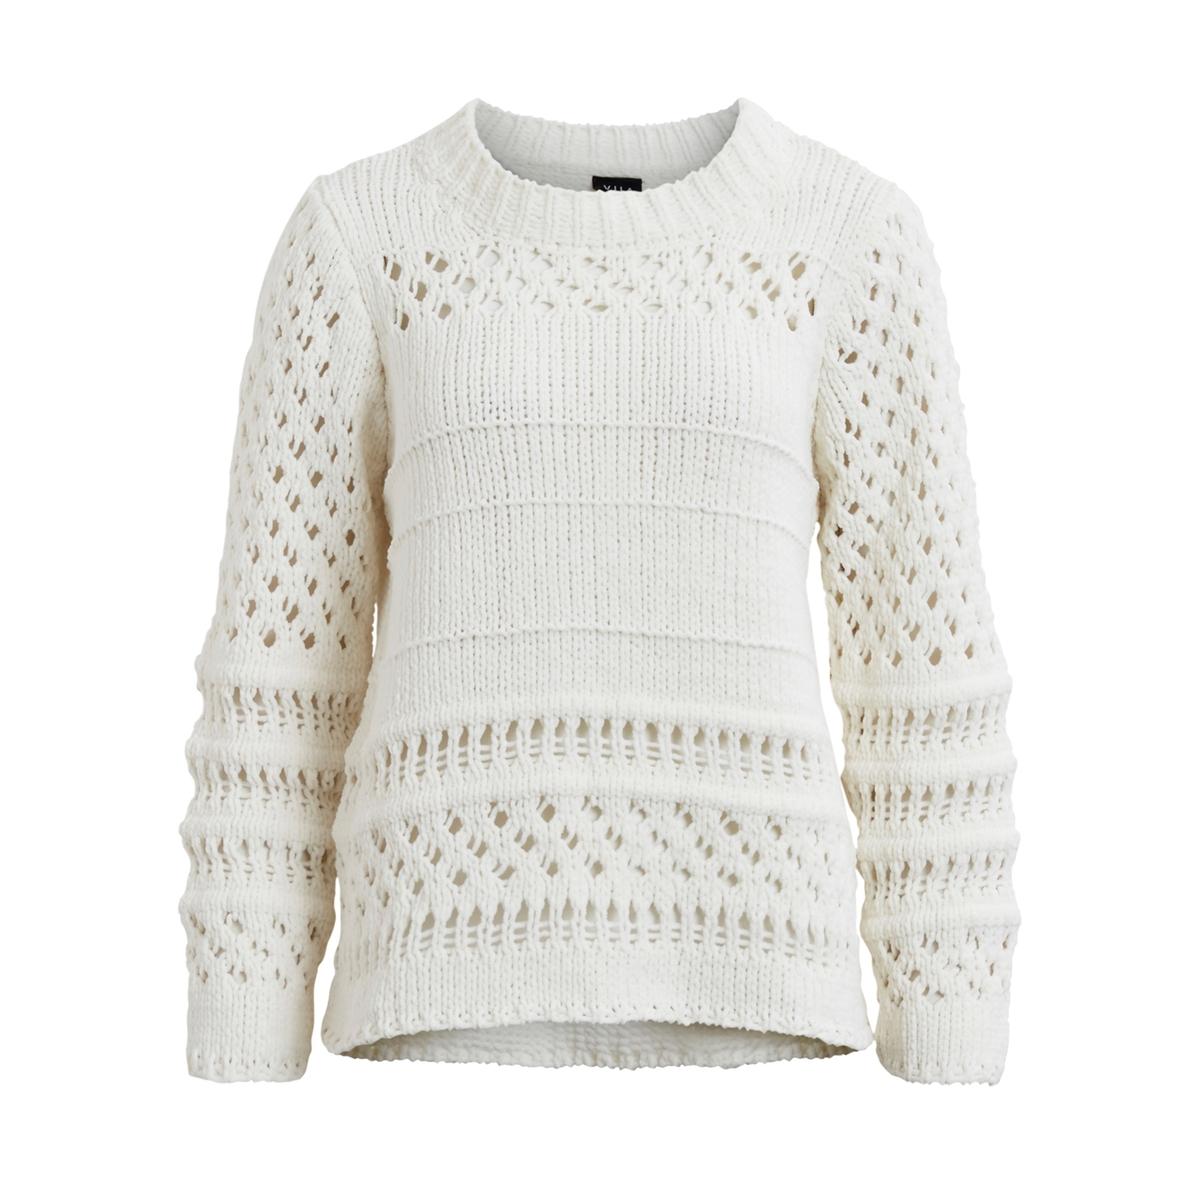 Пуловер из оригинального трикотажаМатериал: 100% полиэстер.Длина рукава: длинные рукава.Форма воротника: высокий воротник.Покрой пуловера: стандартный.Рисунок: однотонная модель.<br><br>Цвет: хаки светлый,экрю